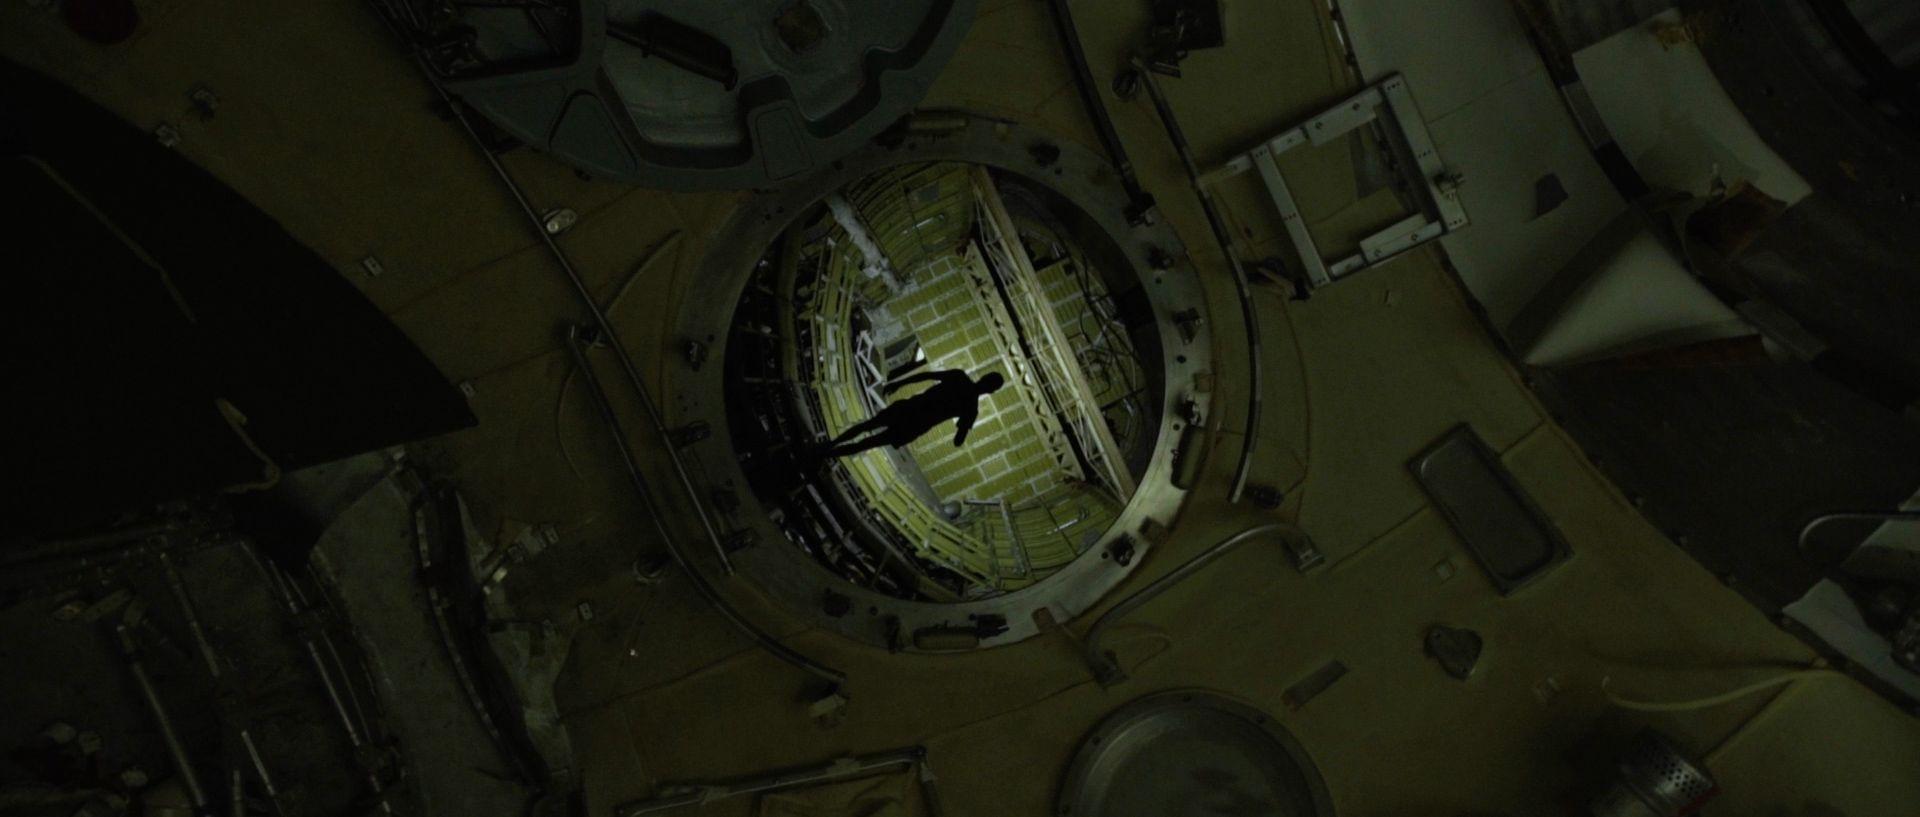 Вийшов офіційний трейлер фільму «Байконур. Вторгнення» від творців екстрім-проєкту Insiders